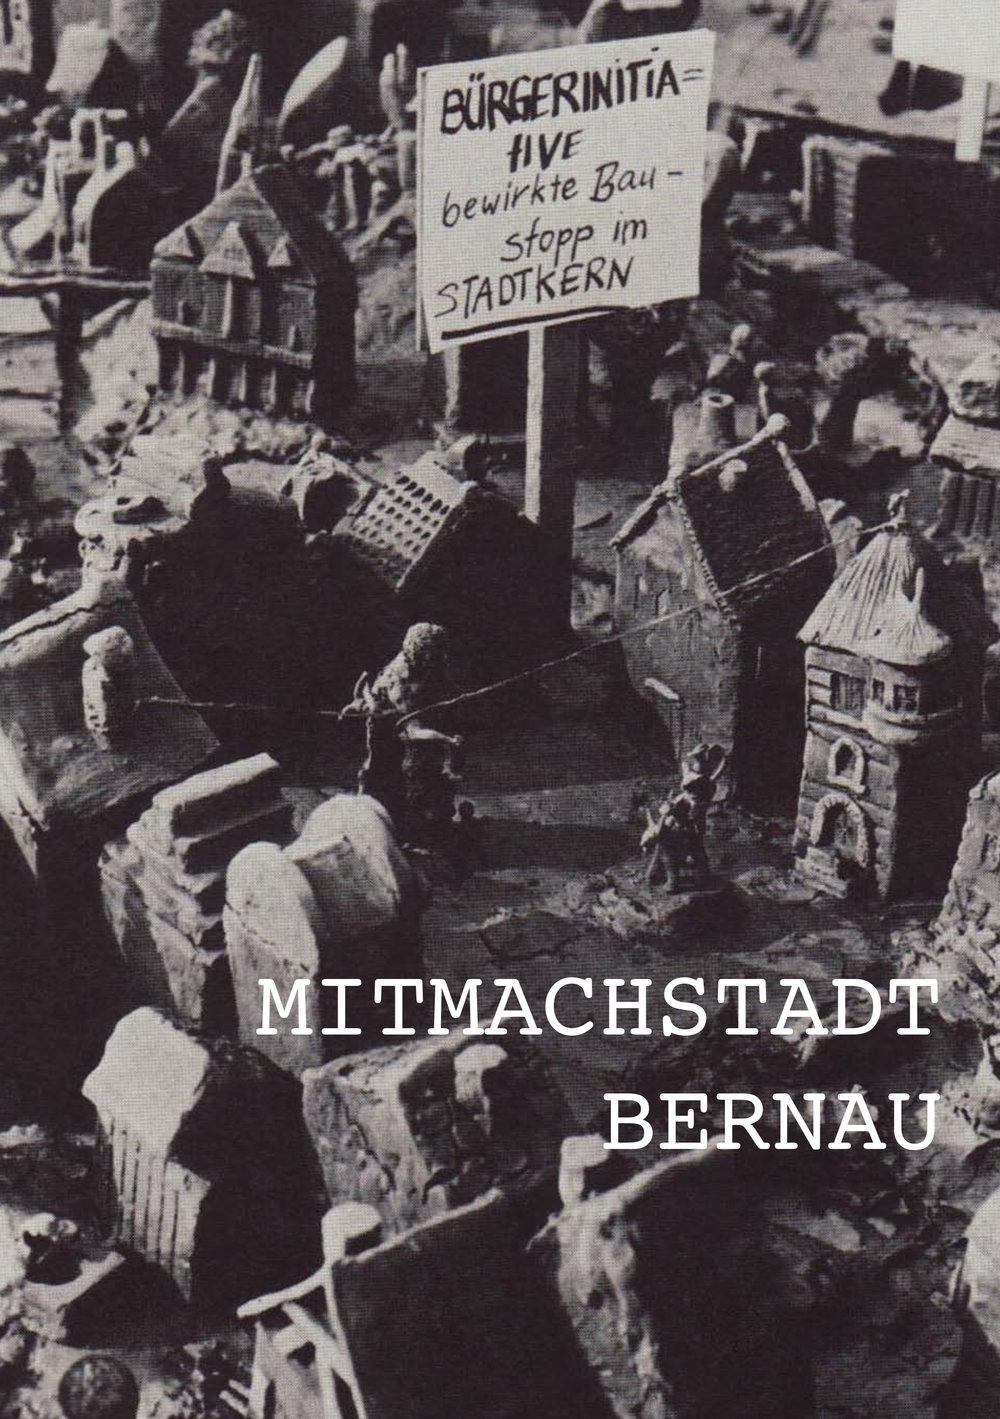 Mitmachstadt Bernau-1.jpg